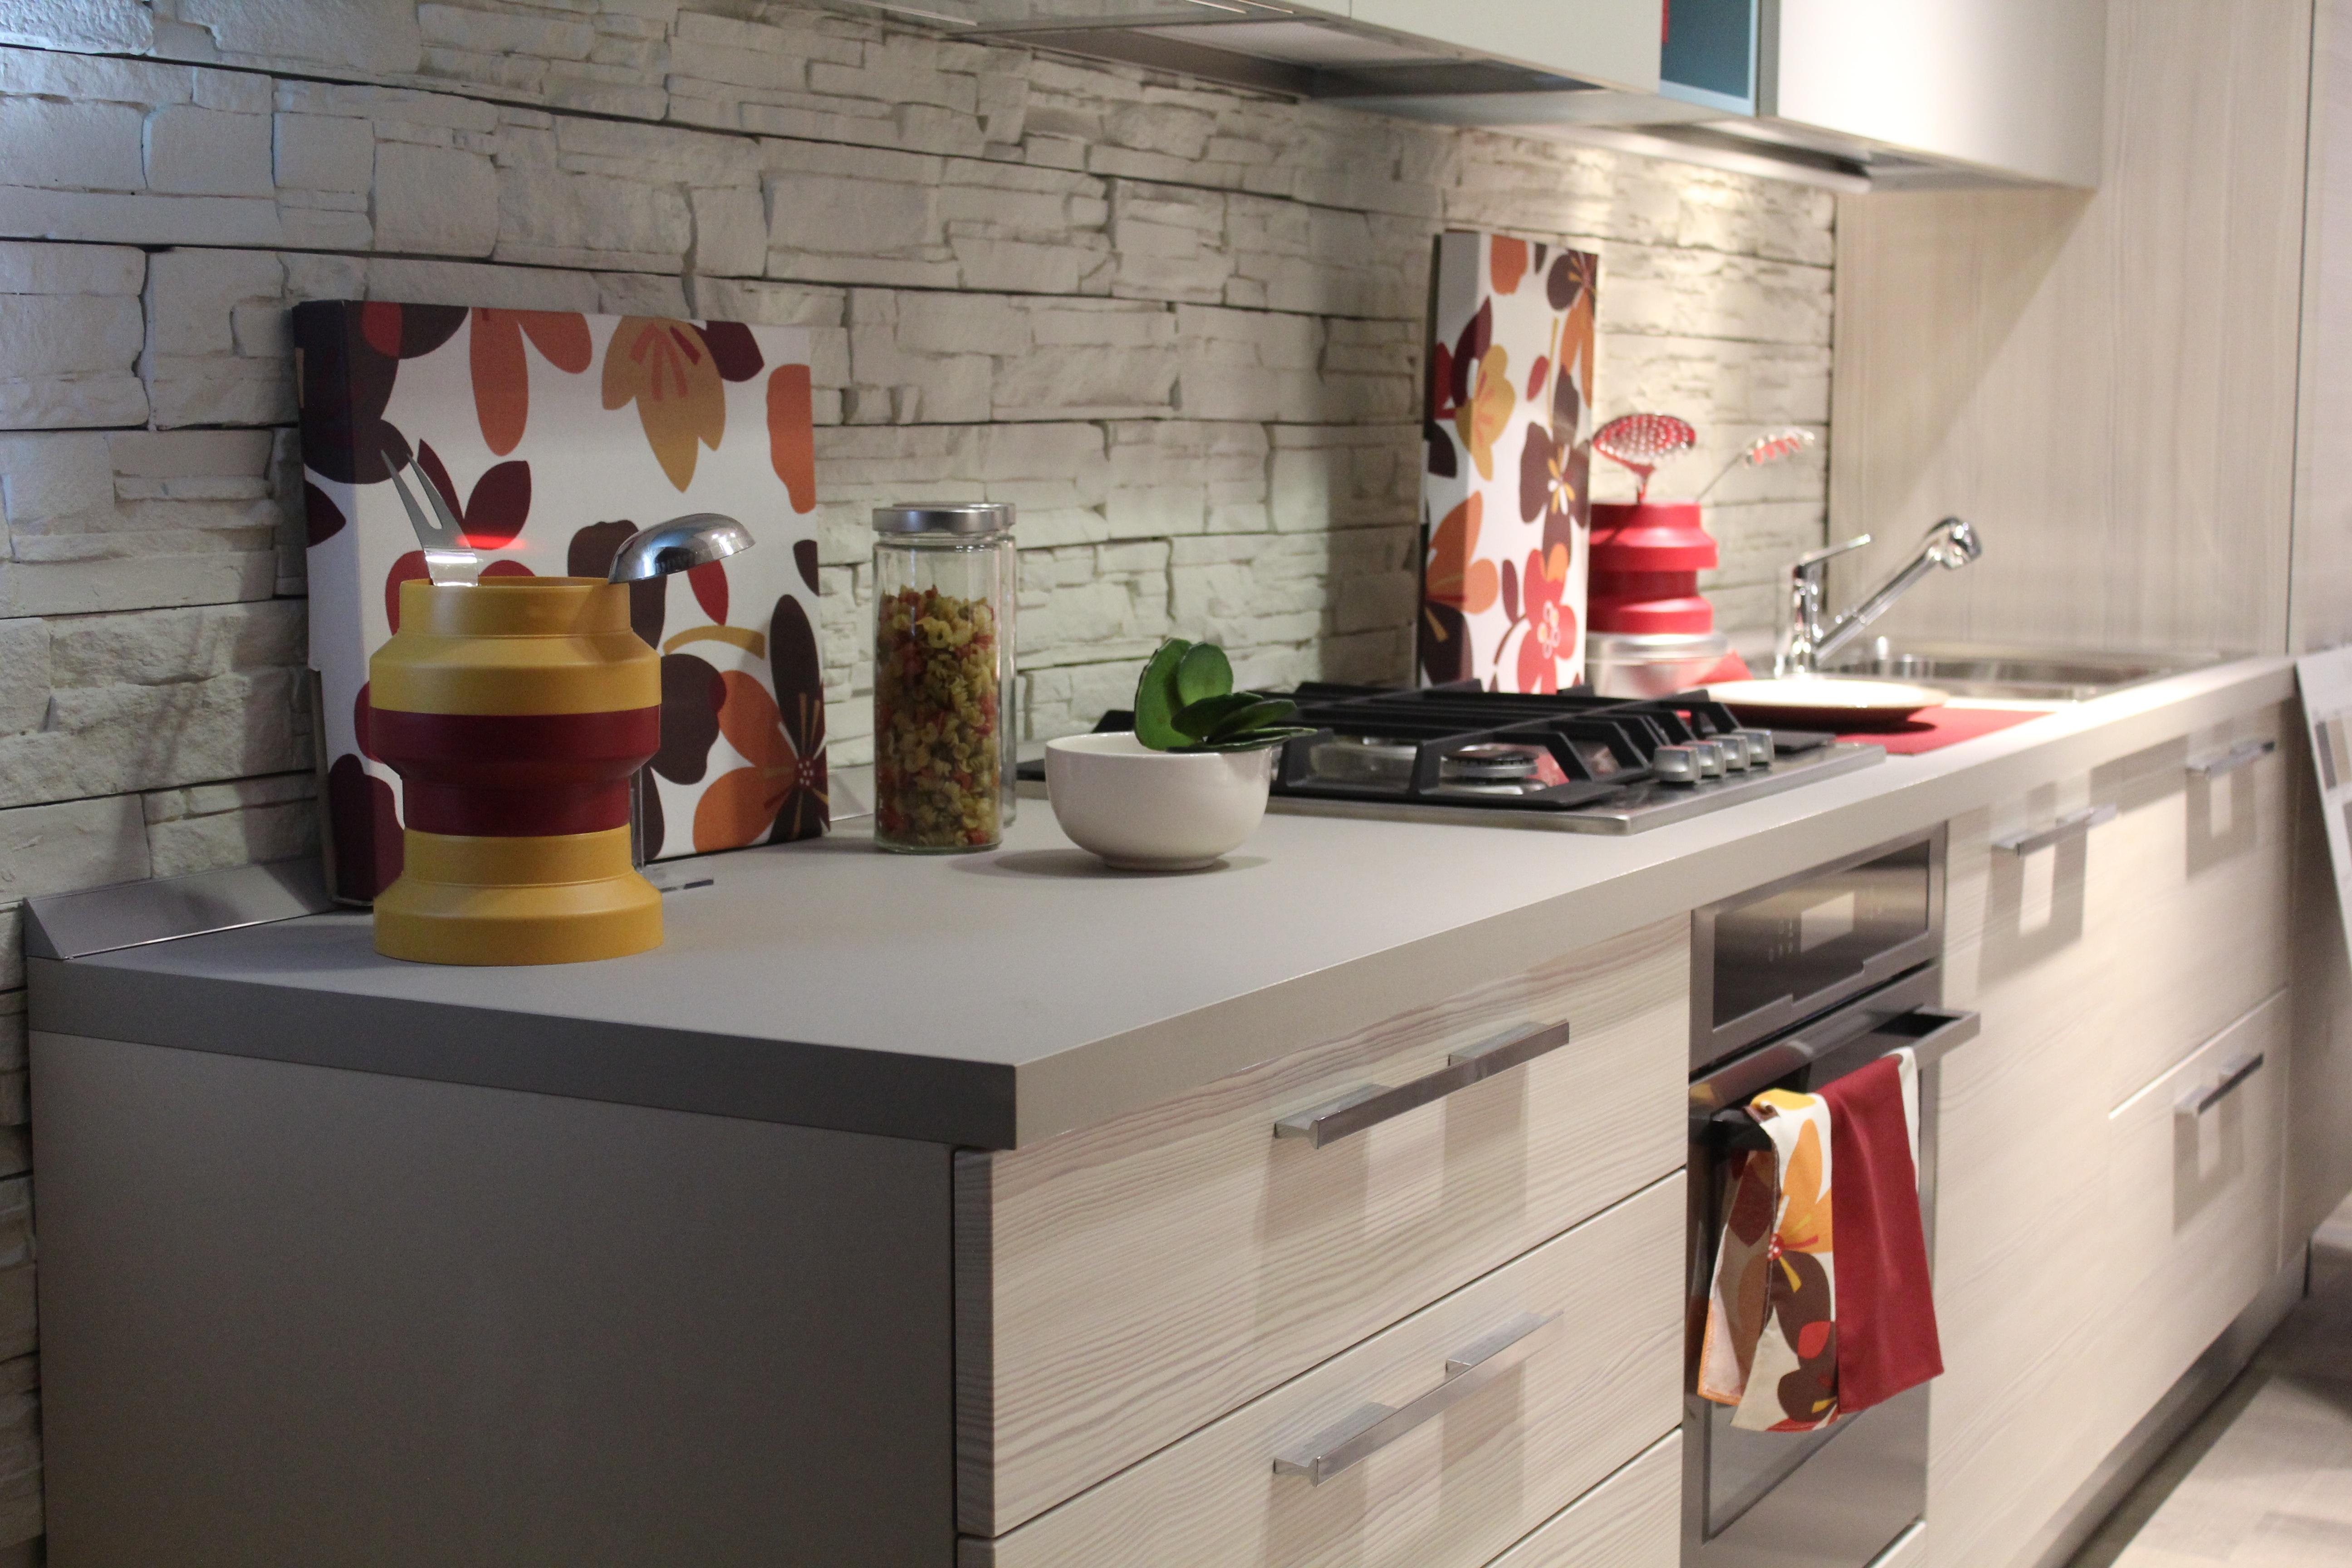 kuchenruckwand holz kuchenspiegel tipps, wie gestalte ich meine küchenrückwand? | baylango ✪ küchen-blog, Design ideen